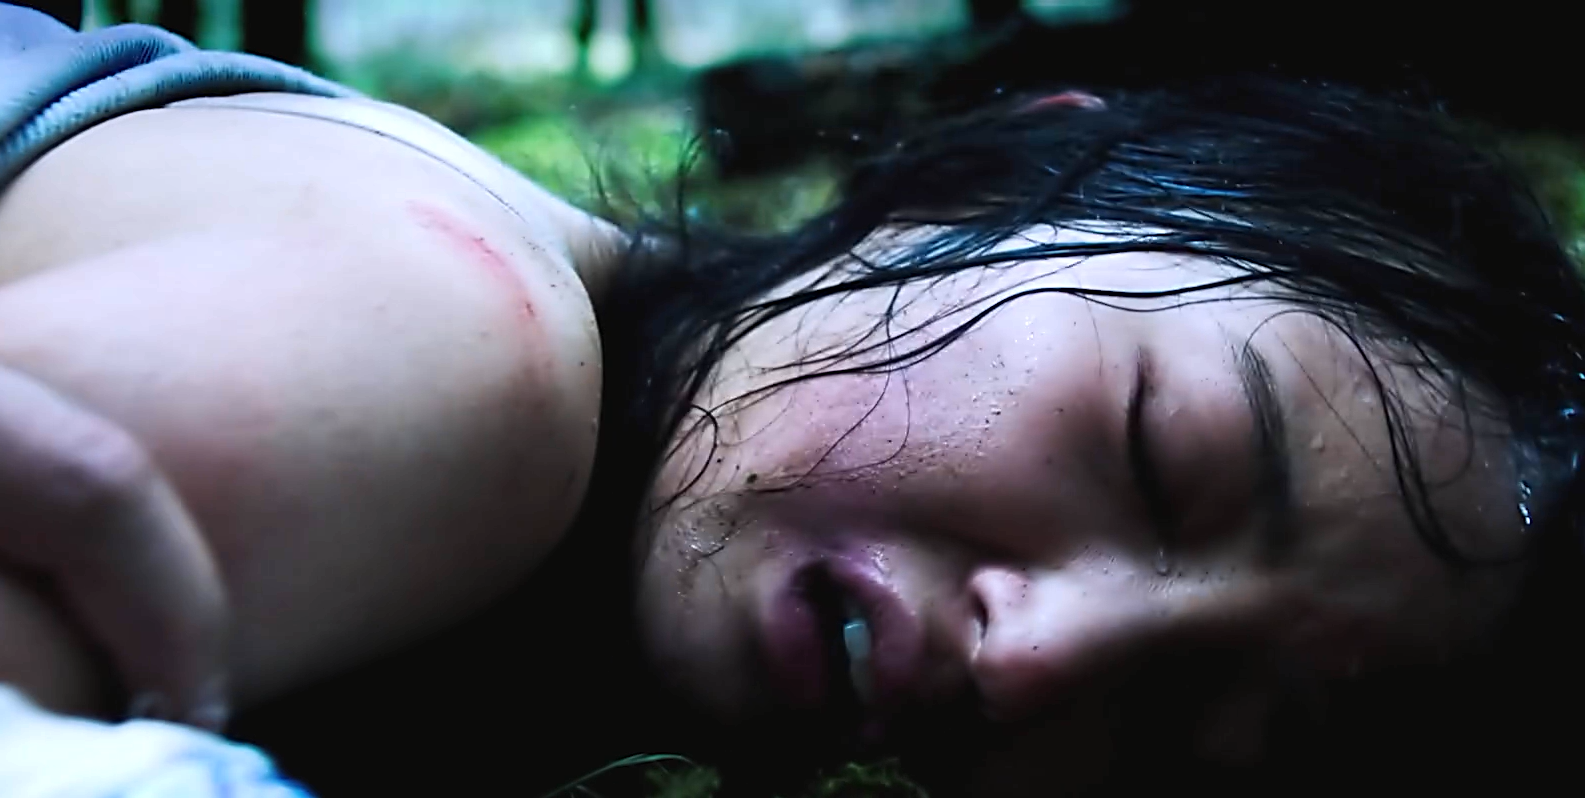 #经典影视#一部广受好评的犯罪片,花季少女遭遇飞来横祸,真相惊人映射人性